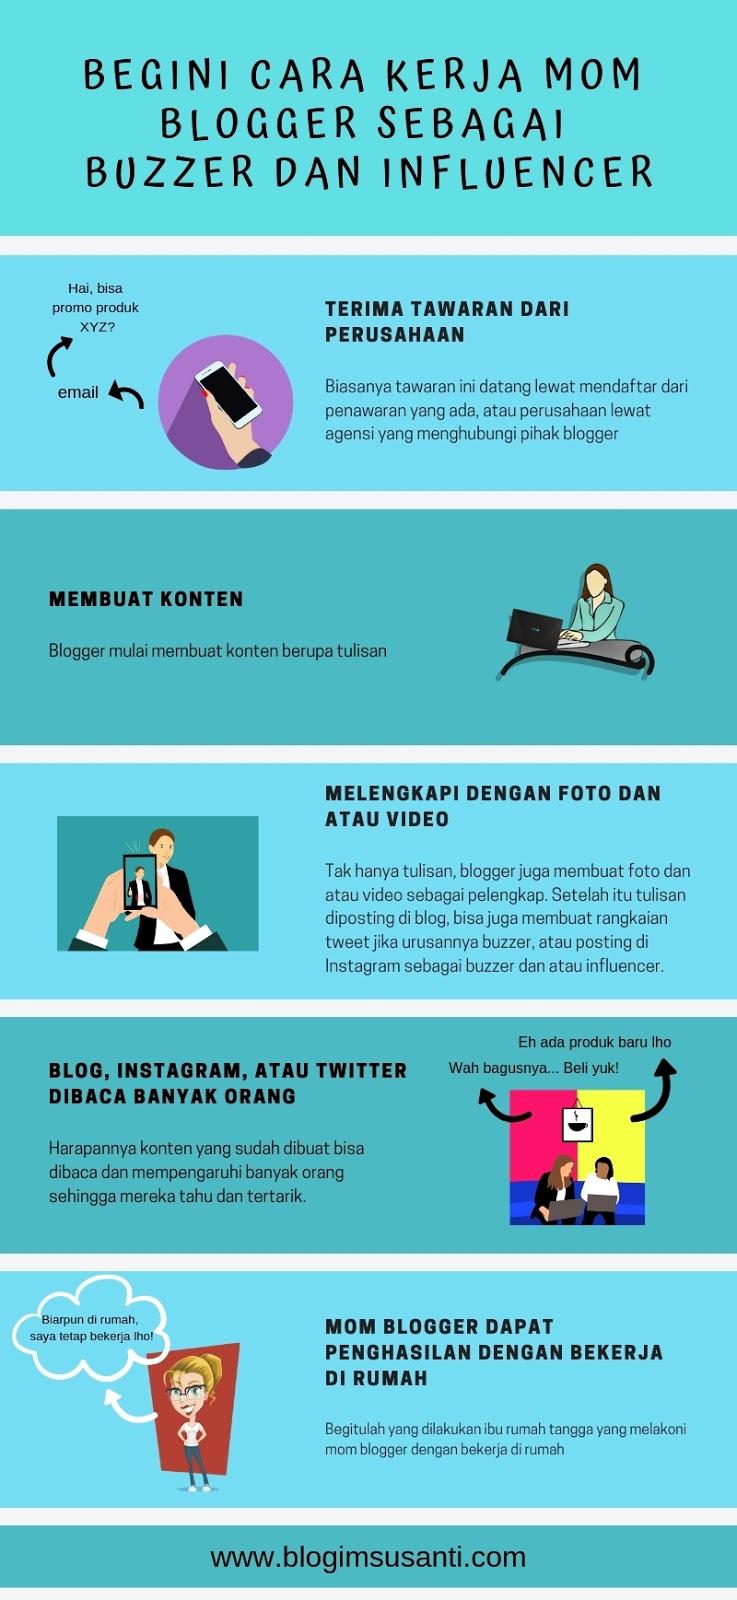 cara-kerja-mom-blogger